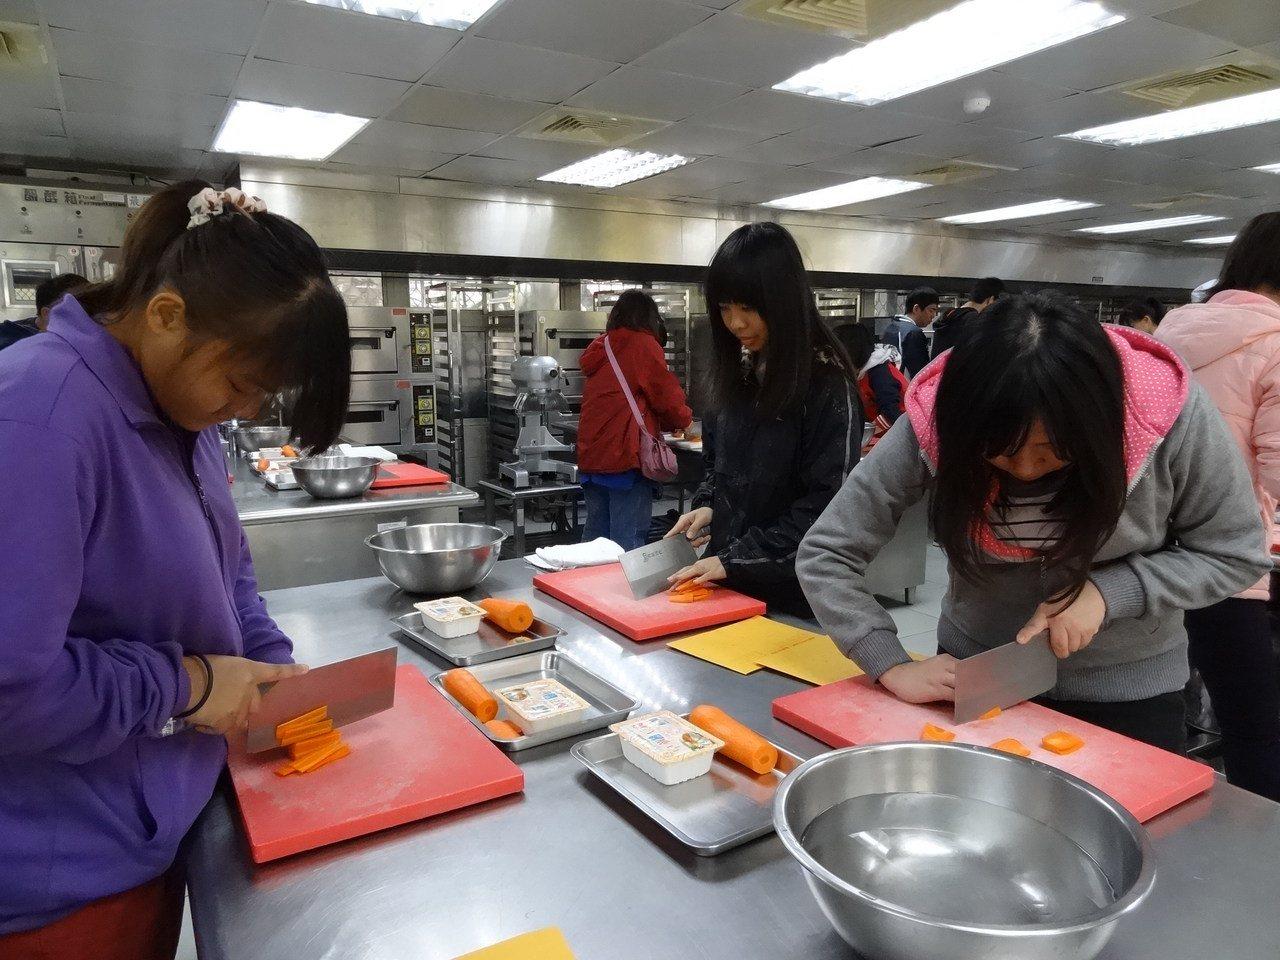 中山工商餐飲科開異國料理班,年年滿招,術科考試考紅蘿蔔切絲。圖/中山工商提供。